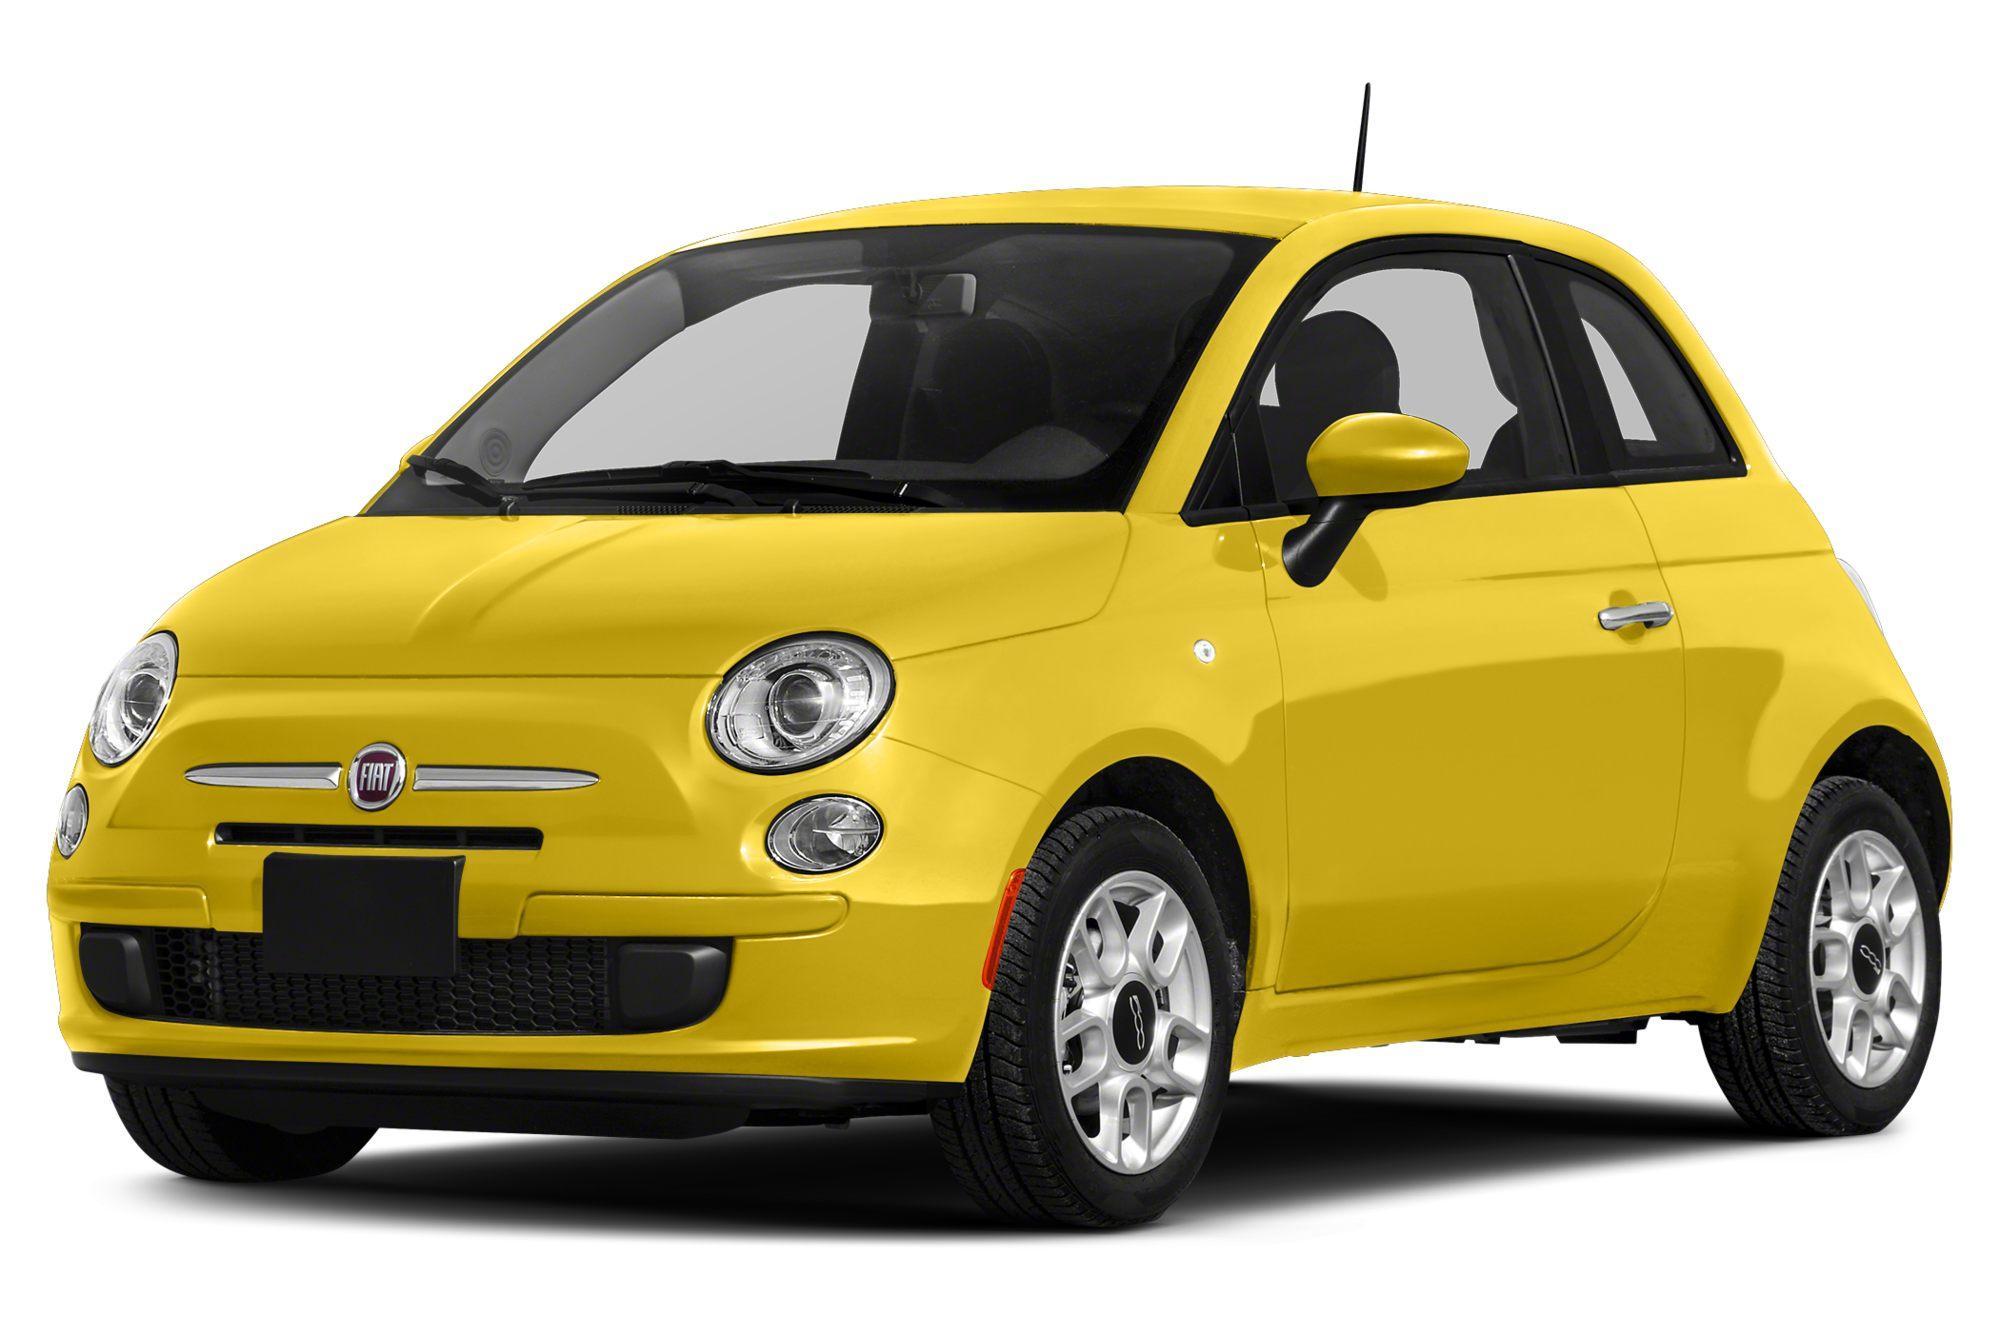 2012-2013 Fiat 500: Recall Alert